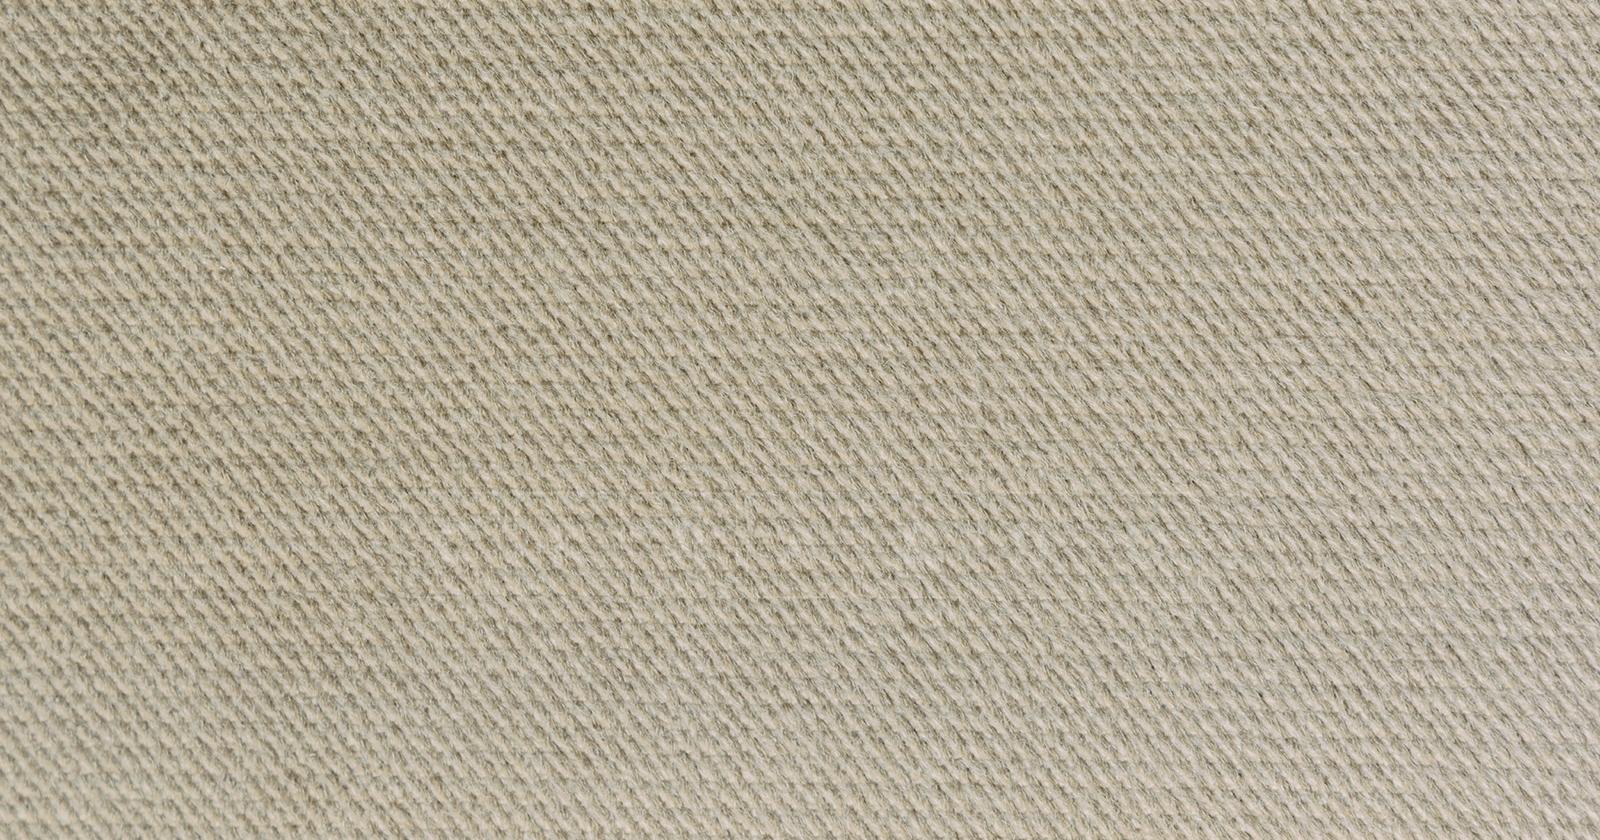 Мягкая кровать Милана 160 см светлый кварцевый серый с подъемным механизмом фото 12 | интернет-магазин Складно